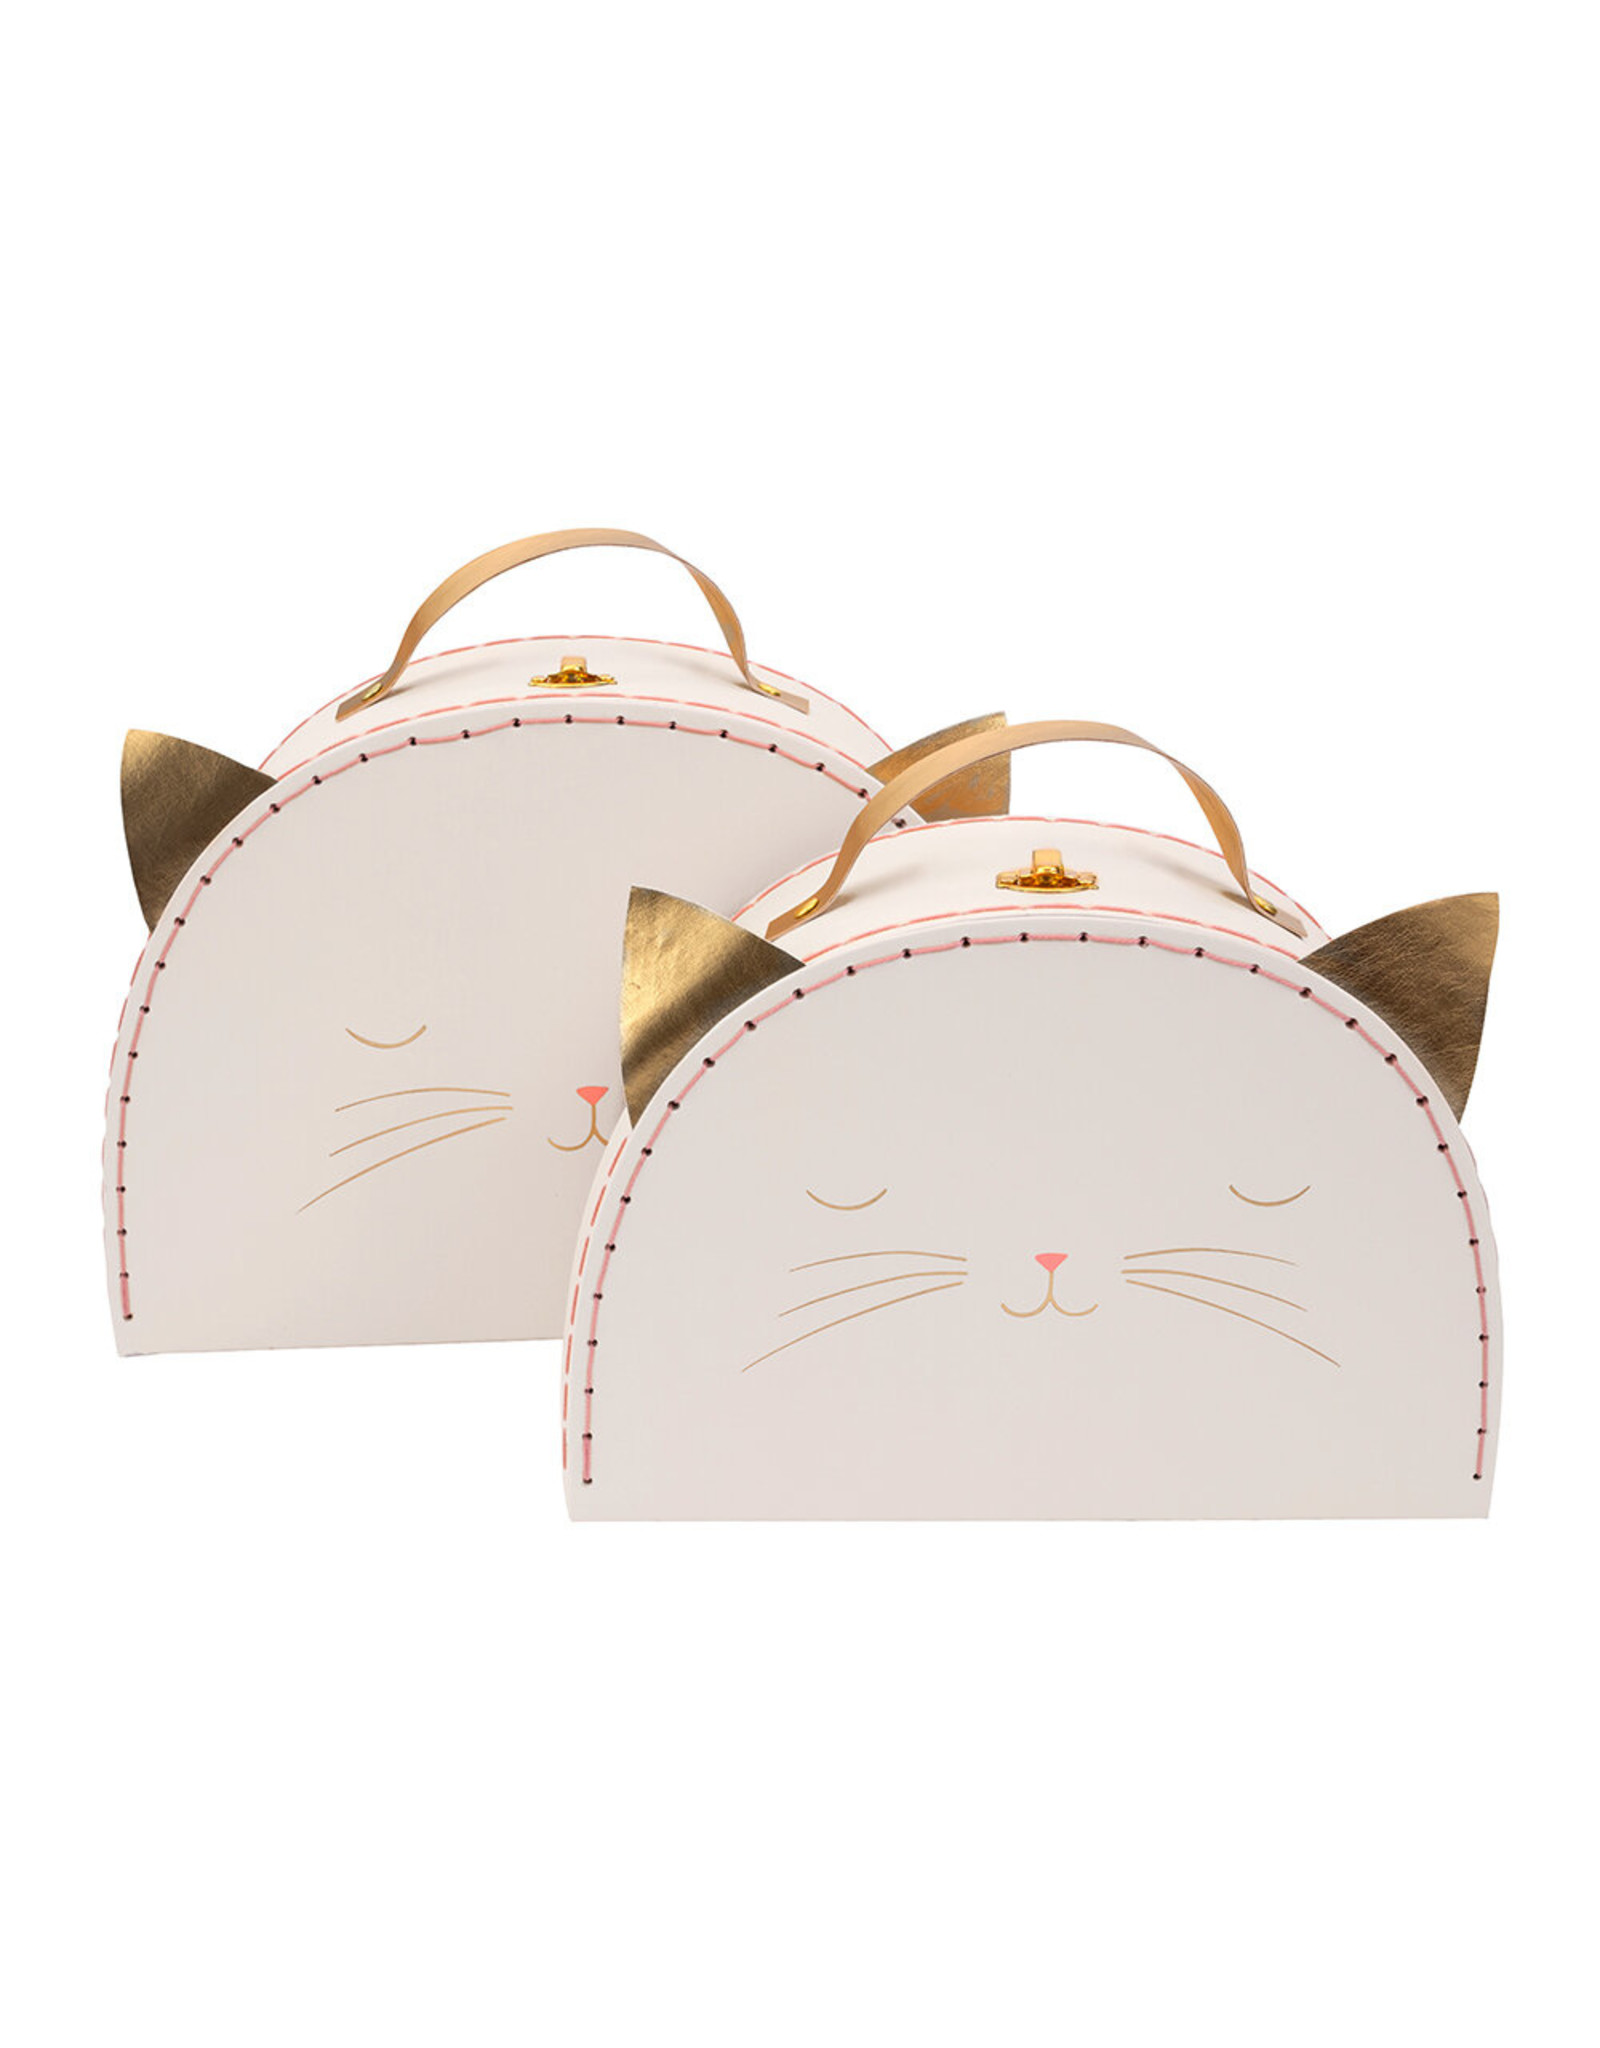 Meri Meri Cat Suitcase Set